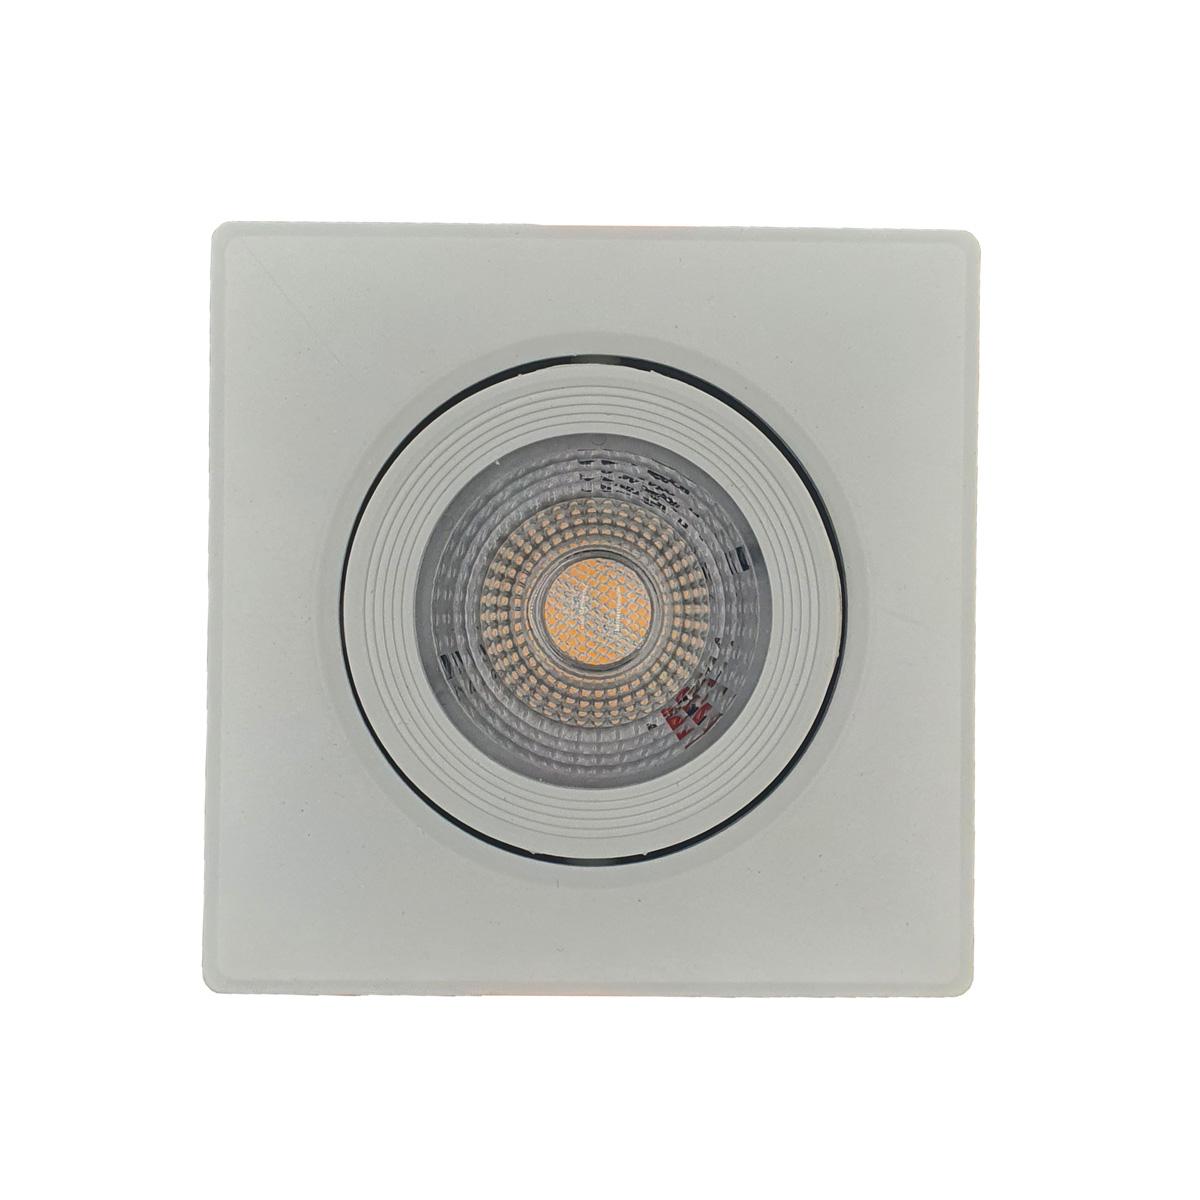 Spot LED SMD 5w Dicróica Direcionável Quadrado Forte Luz Quente